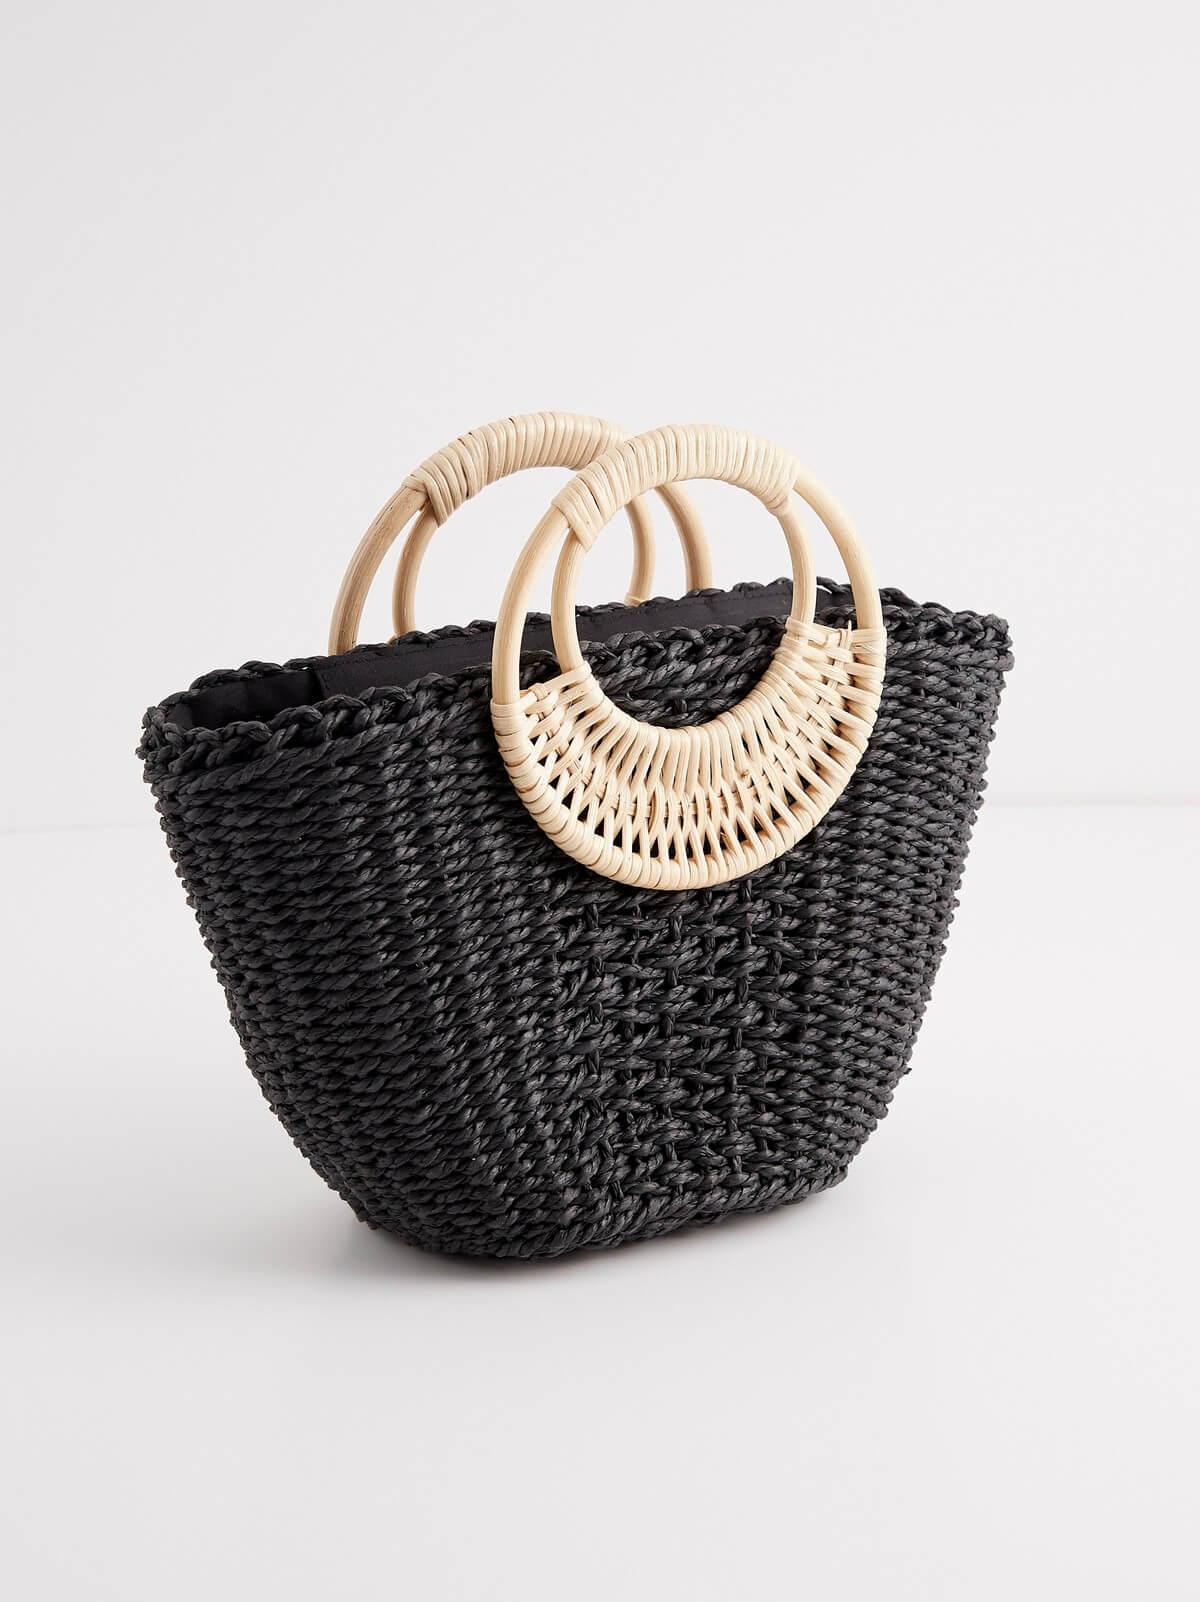 Liten väska i svart och vitt stråmaterial med runt handtag